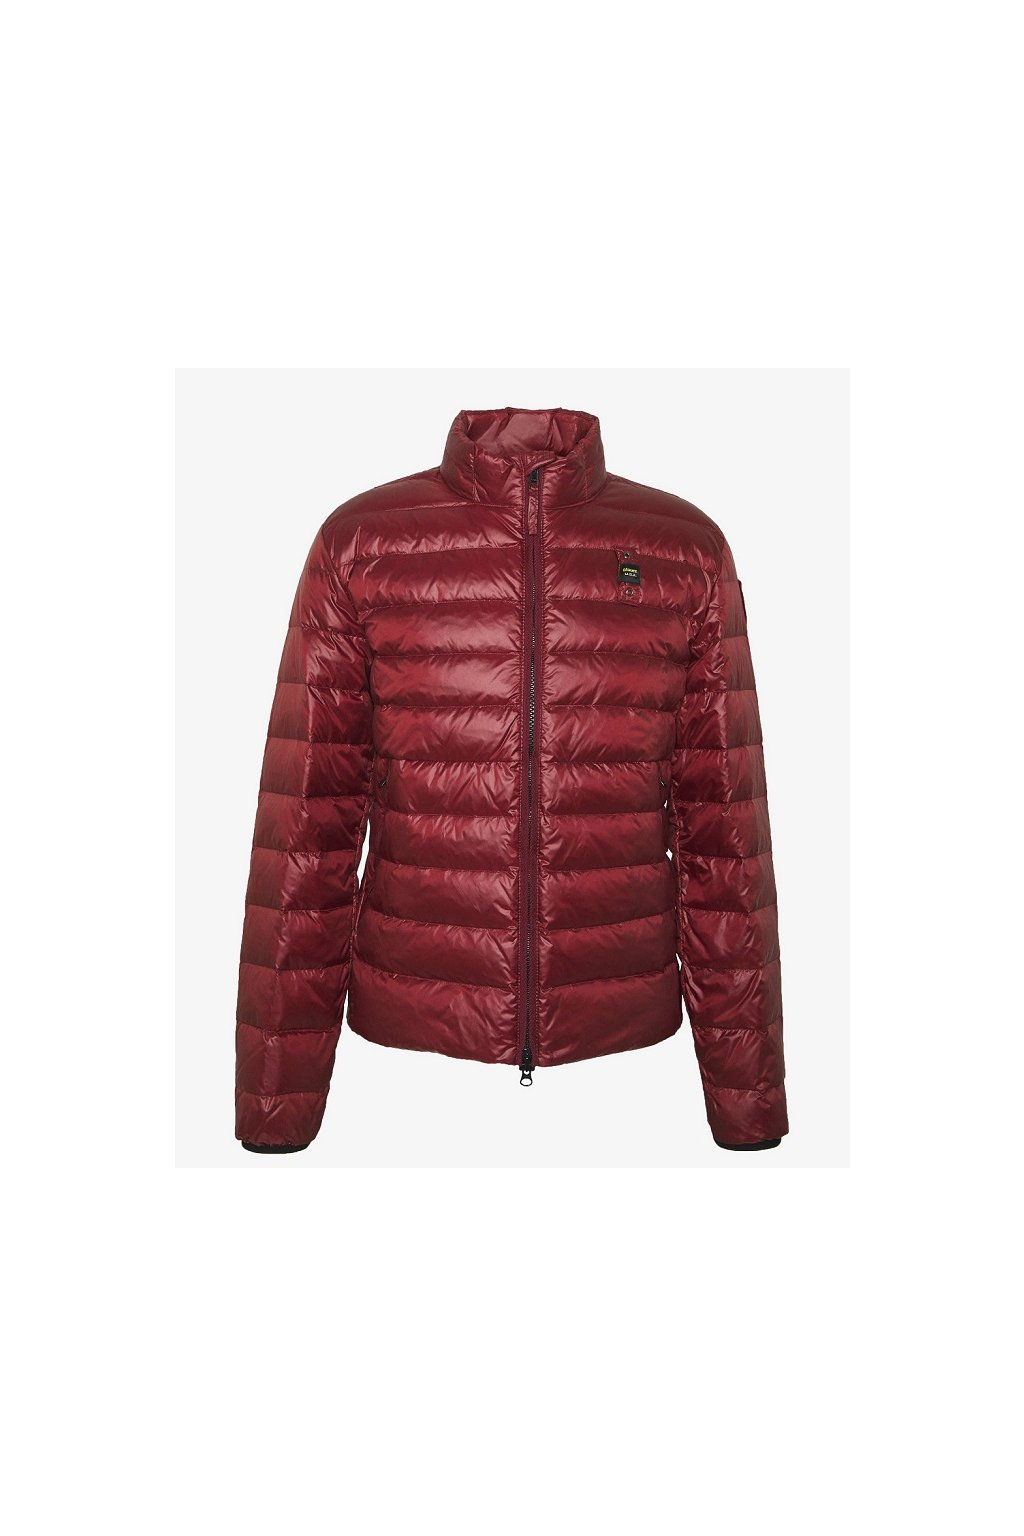 20SBLUC03031 Pánská jarní bunda Blauer péřová červená